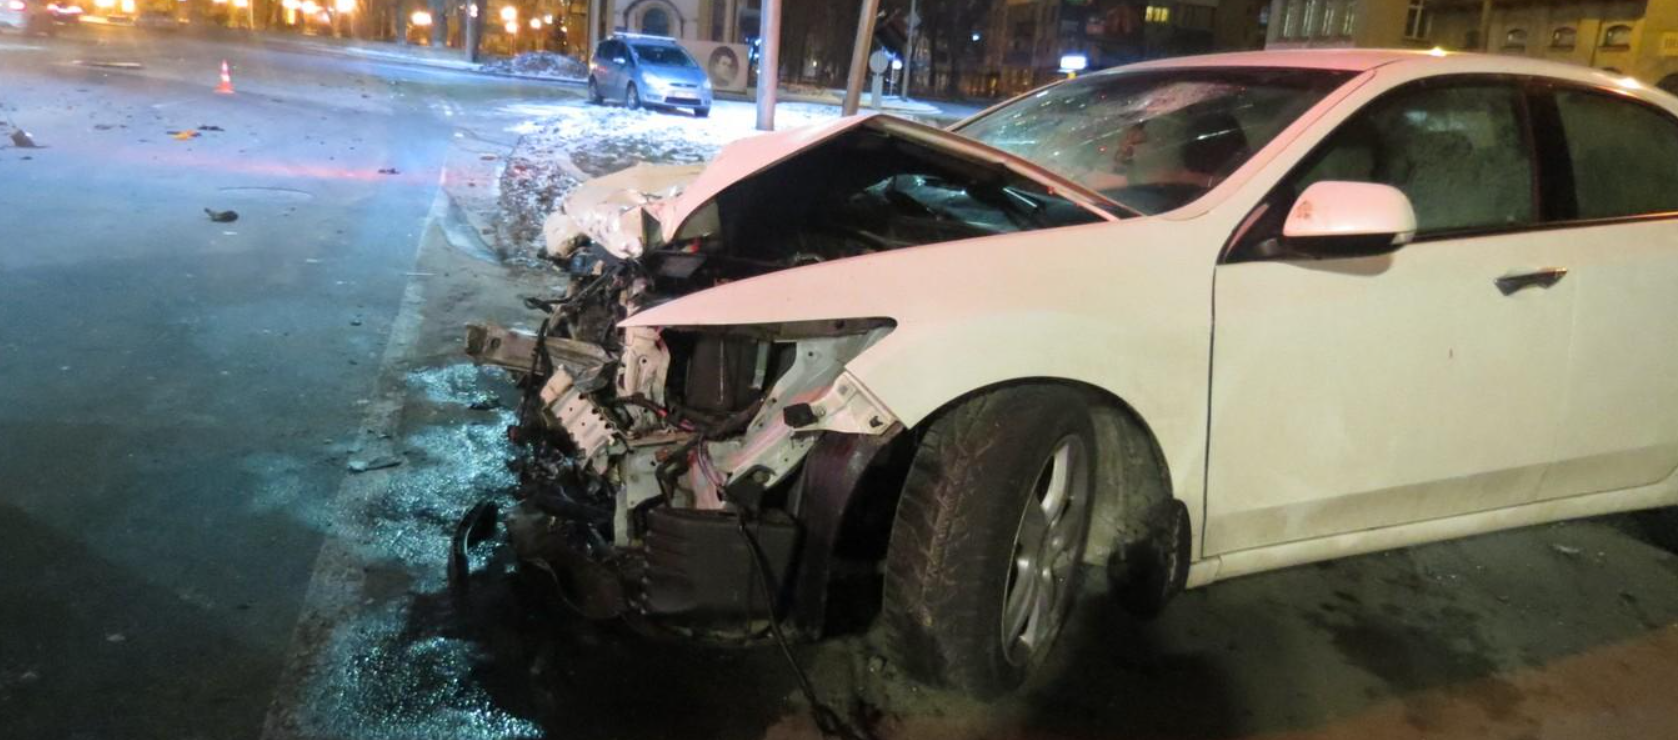 Кросовер з'їхав на узбіччя, зніс дорожній знак та пошкодив світлофор